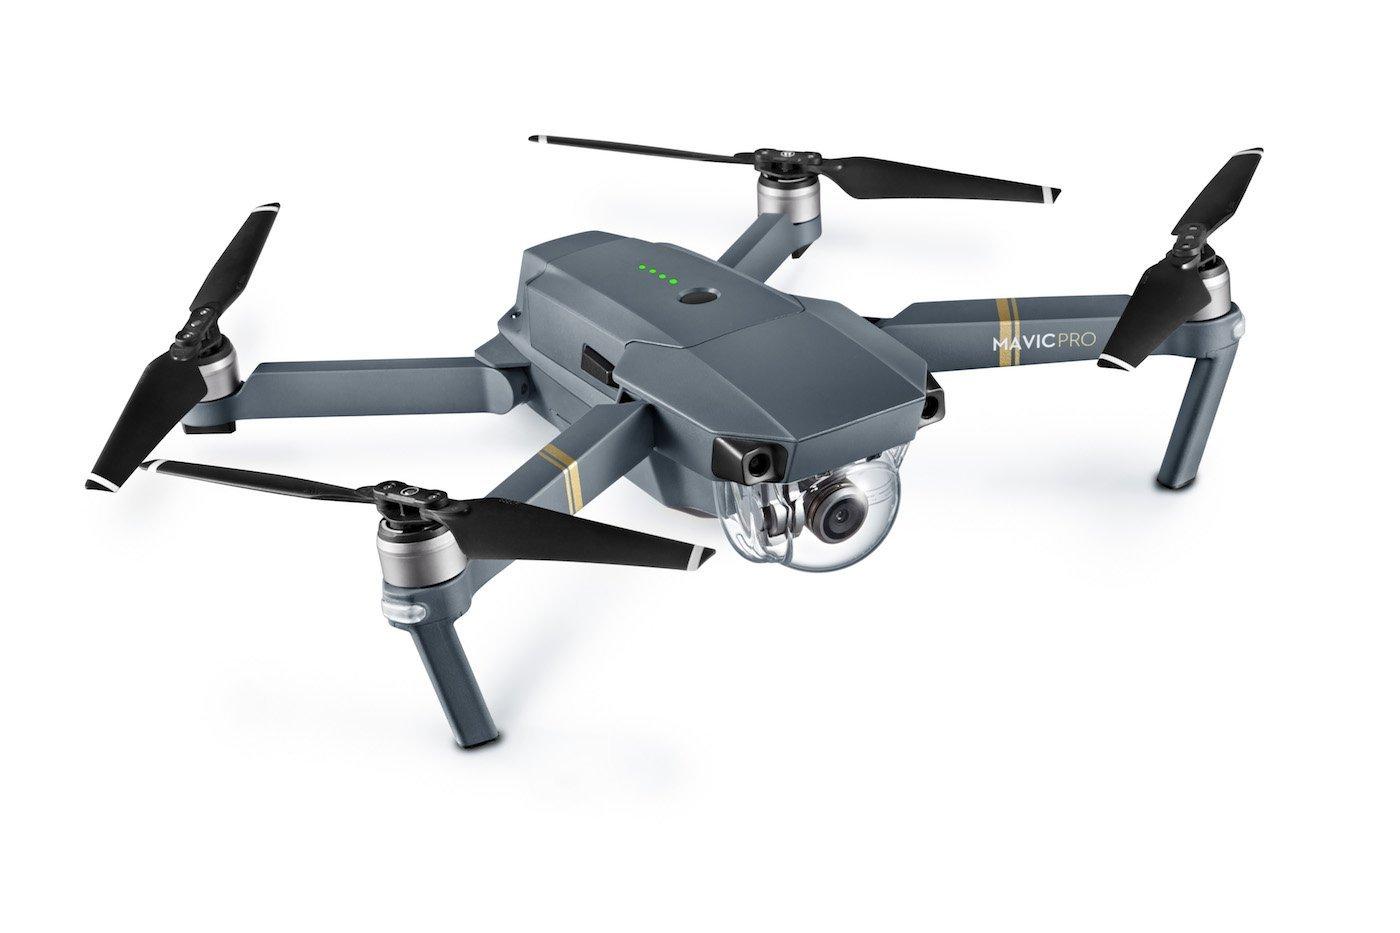 Elegantní dron DJI Mavic Pro nyní za sníženou cenu! [sponzorovaný článek]